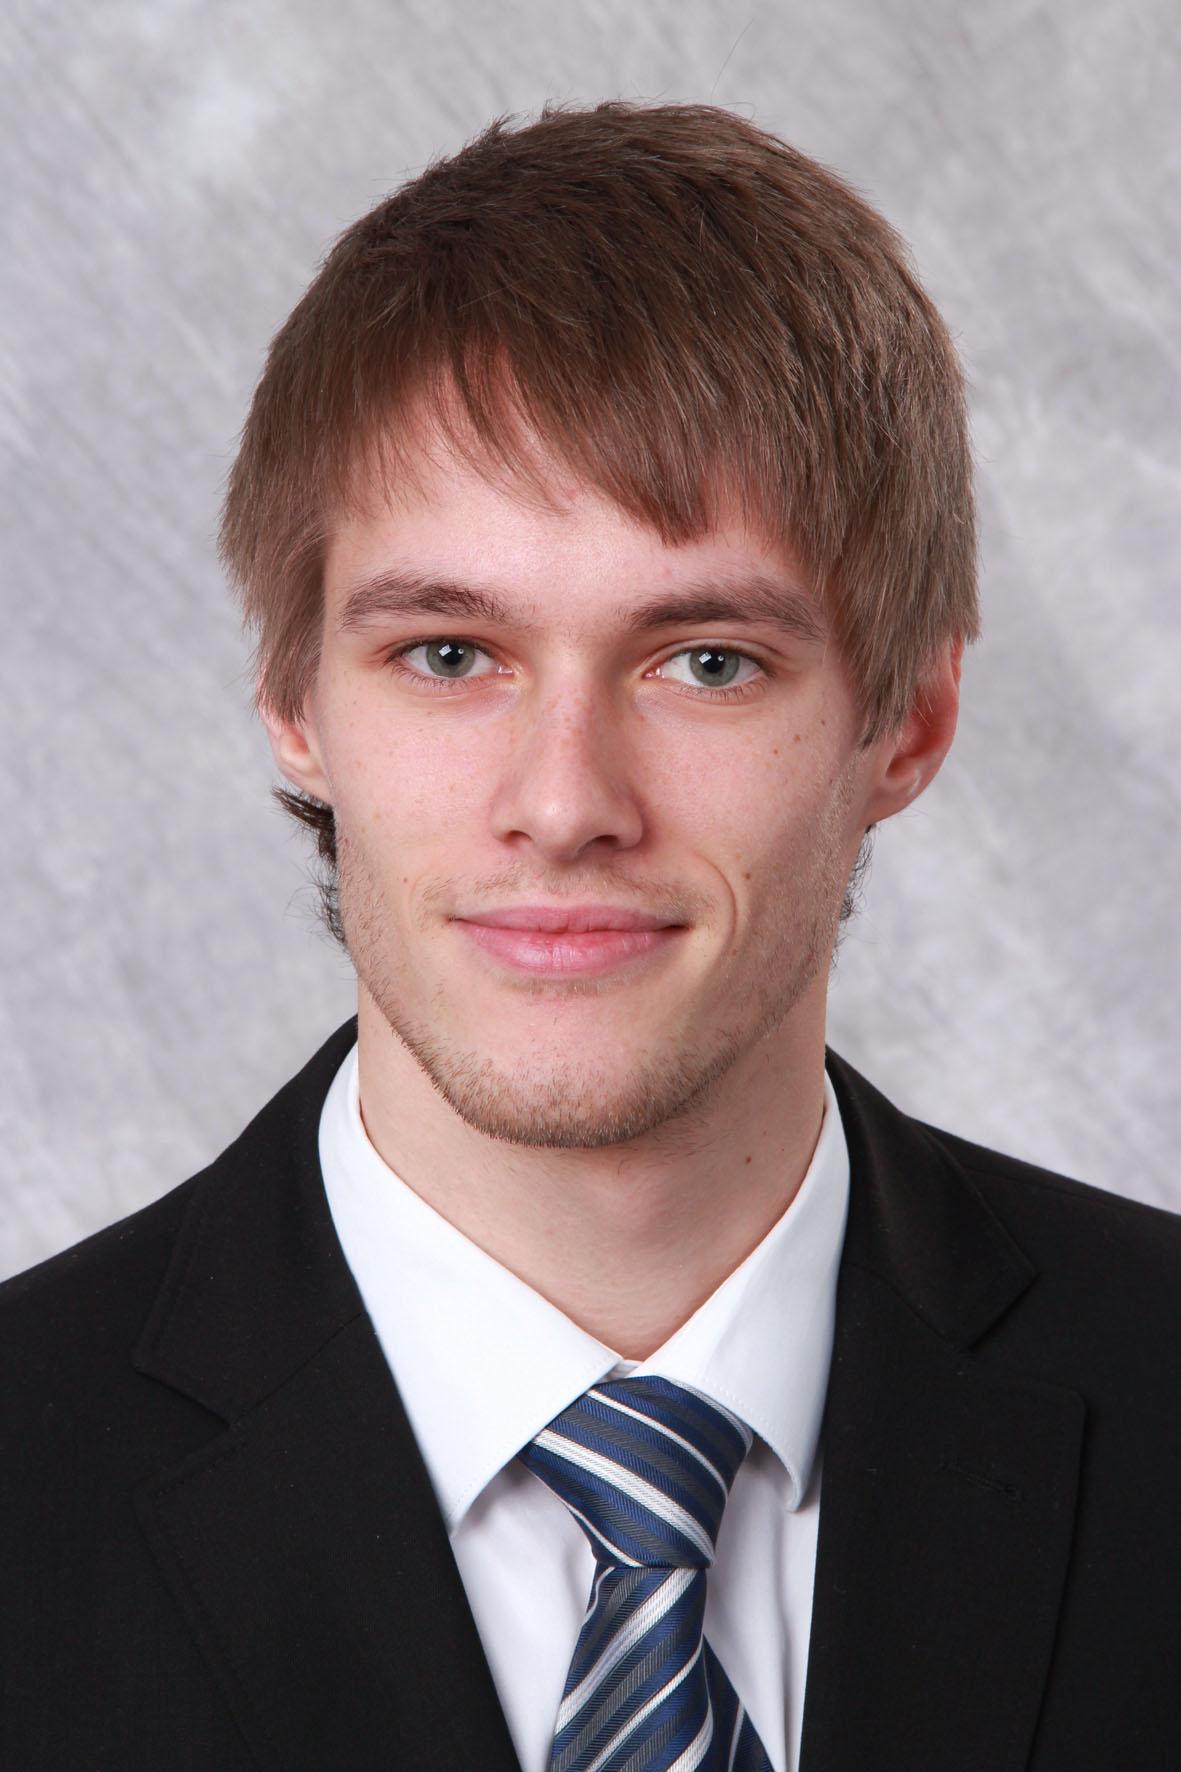 Portrait von Fabian Lotter